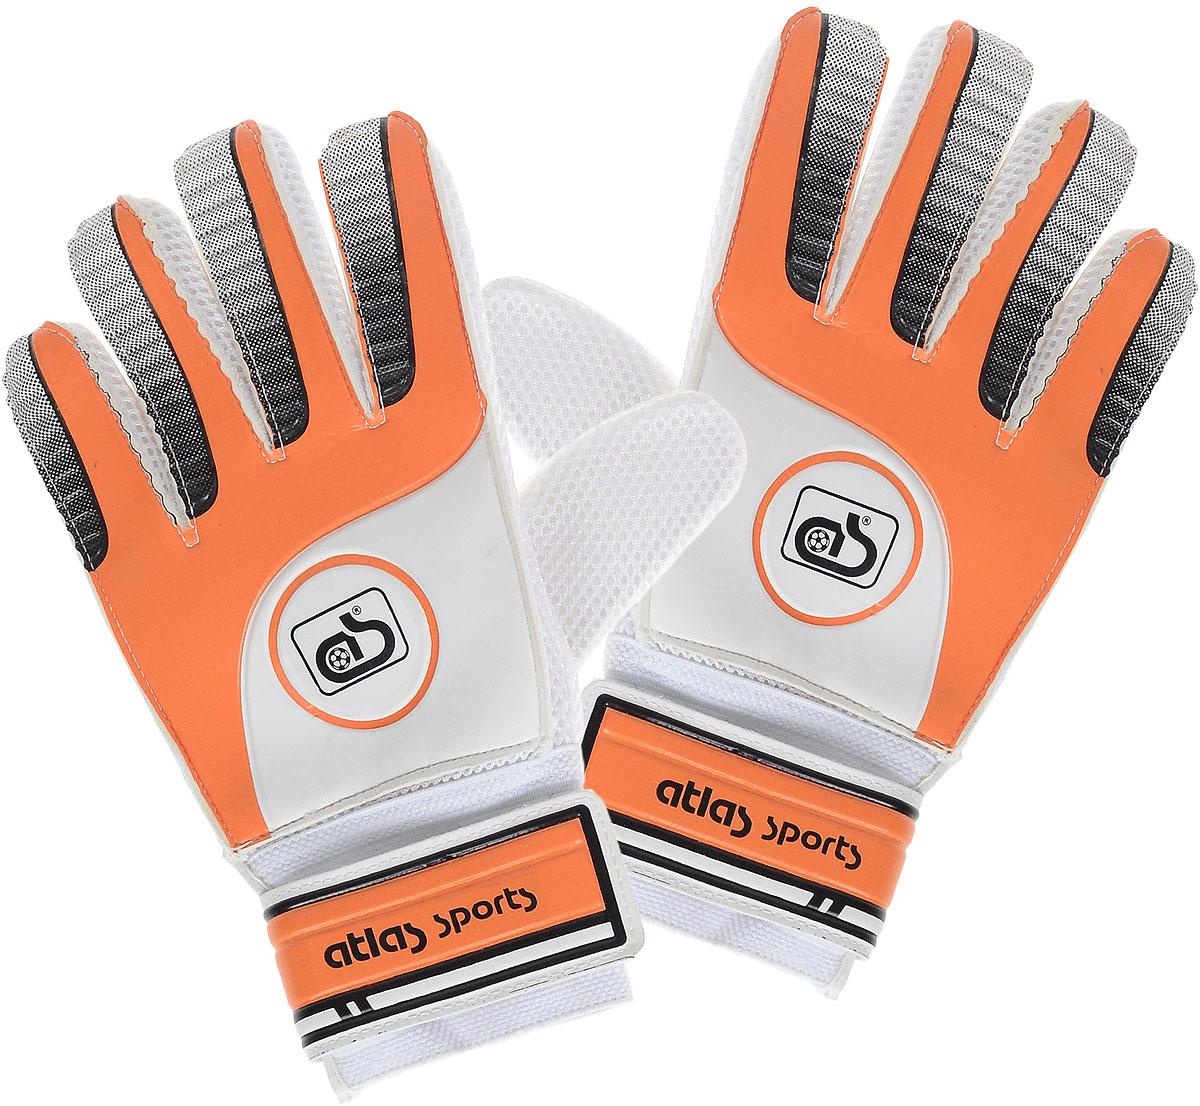 Перчатки вратарские Atlas, цвет: оранжевый, белый120330_white/royalСовременные качественные материалы, из которых изготовлены перчатки Atlas, обеспечивает наилучшее сцепление с мячом, стойкость к истиранию, а также максимальный комфорт при их использовании: наличие широкой липучки на запястье, дышащие материалы, способствующие отводу влаги. Предназначены для проведения соревнований и игр команд среднего и любительского уровней, отлично подходят и для интенсивных тренировок и игр в любых погодных условиях (при соблюдении условий эксплуатации и ухода).